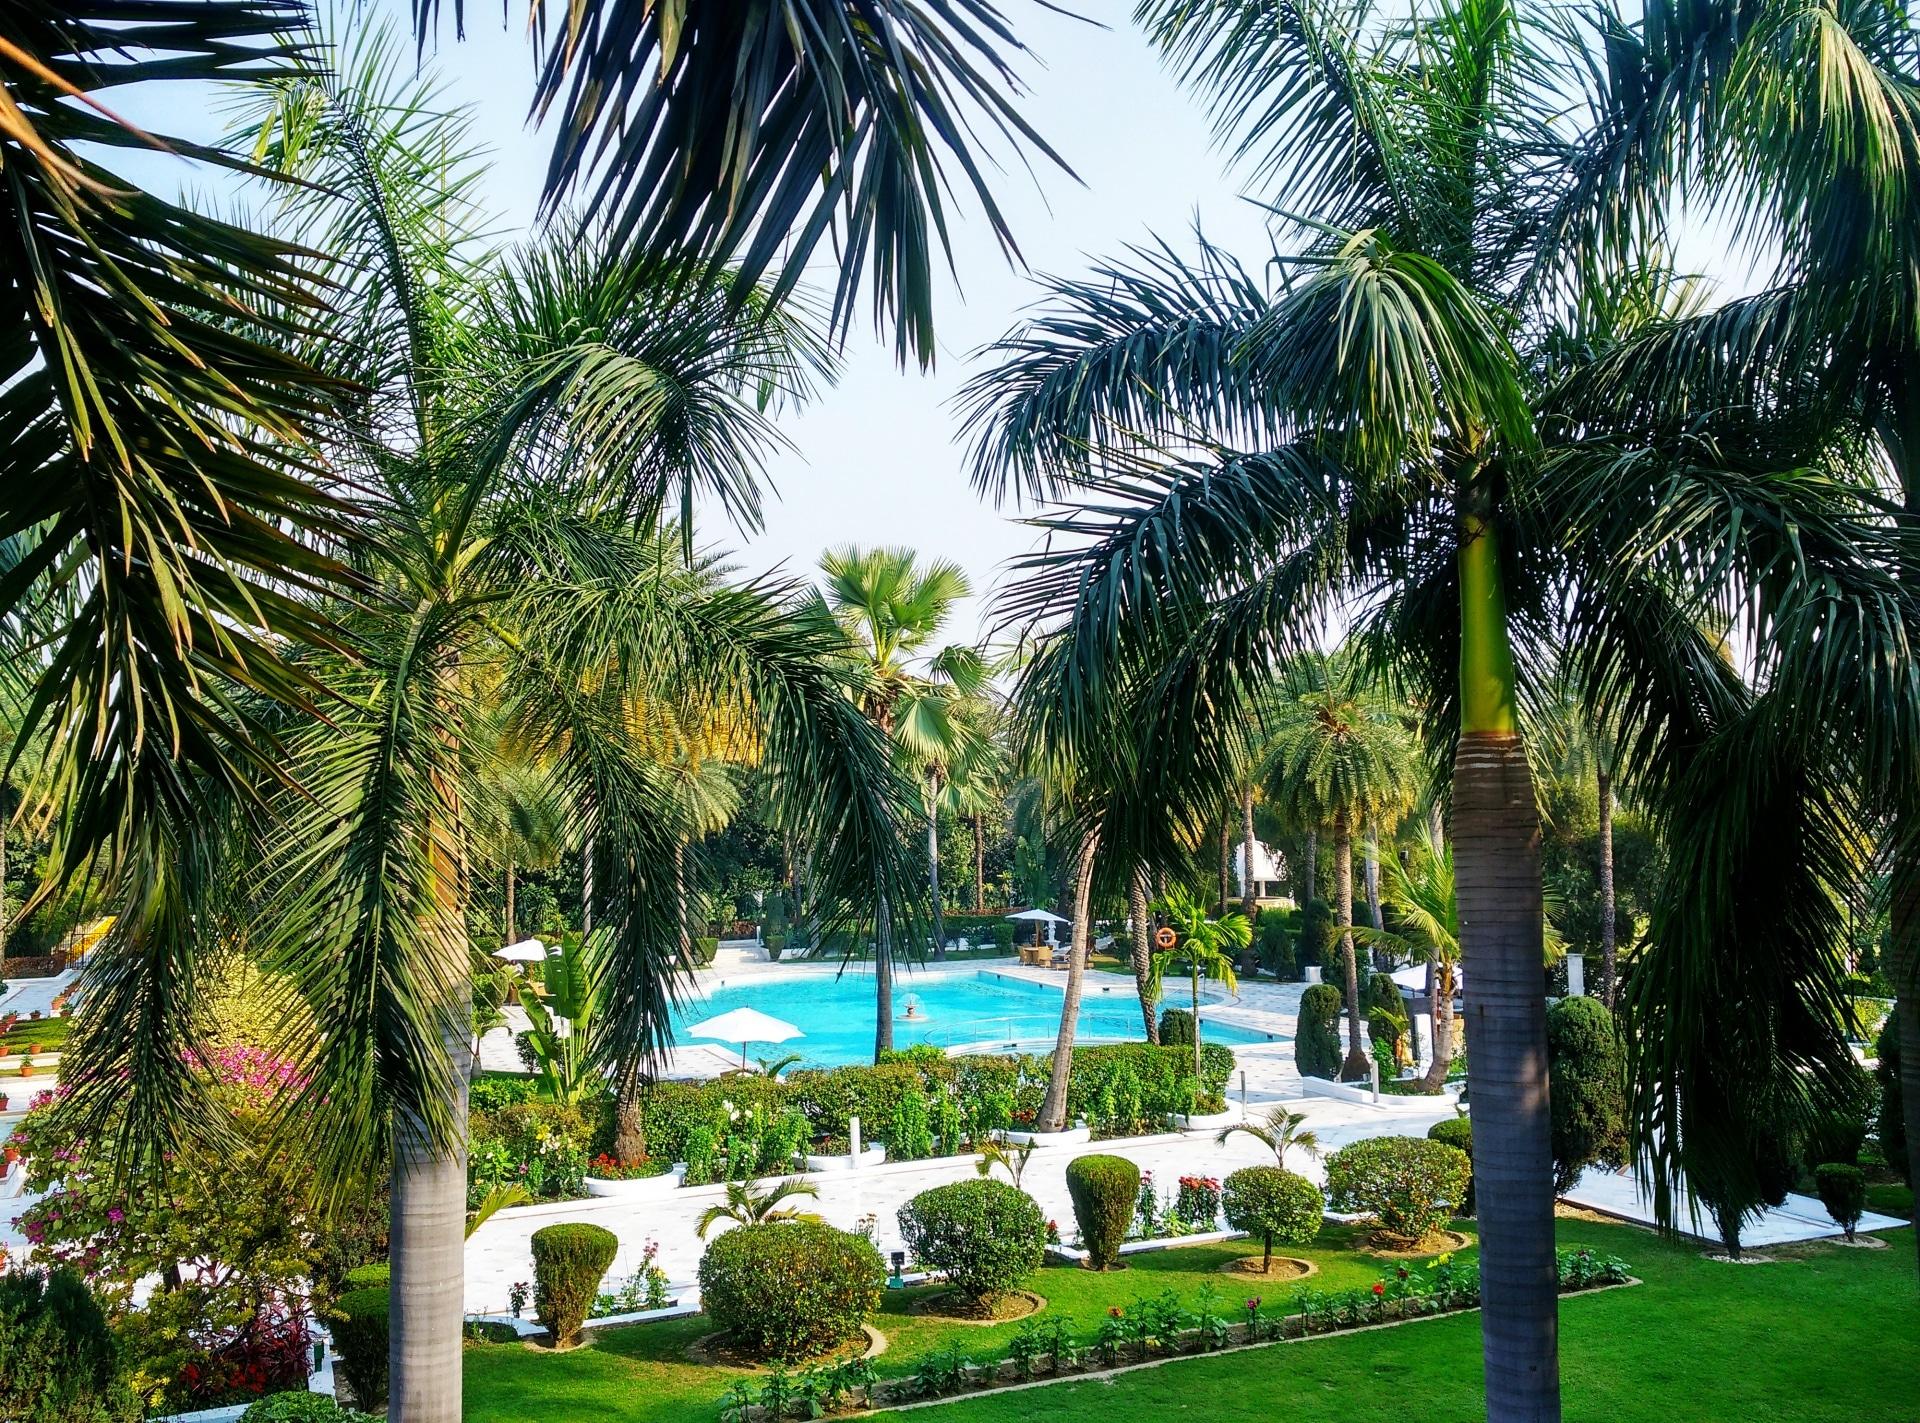 Hay muchas palmeras que resisten el sol